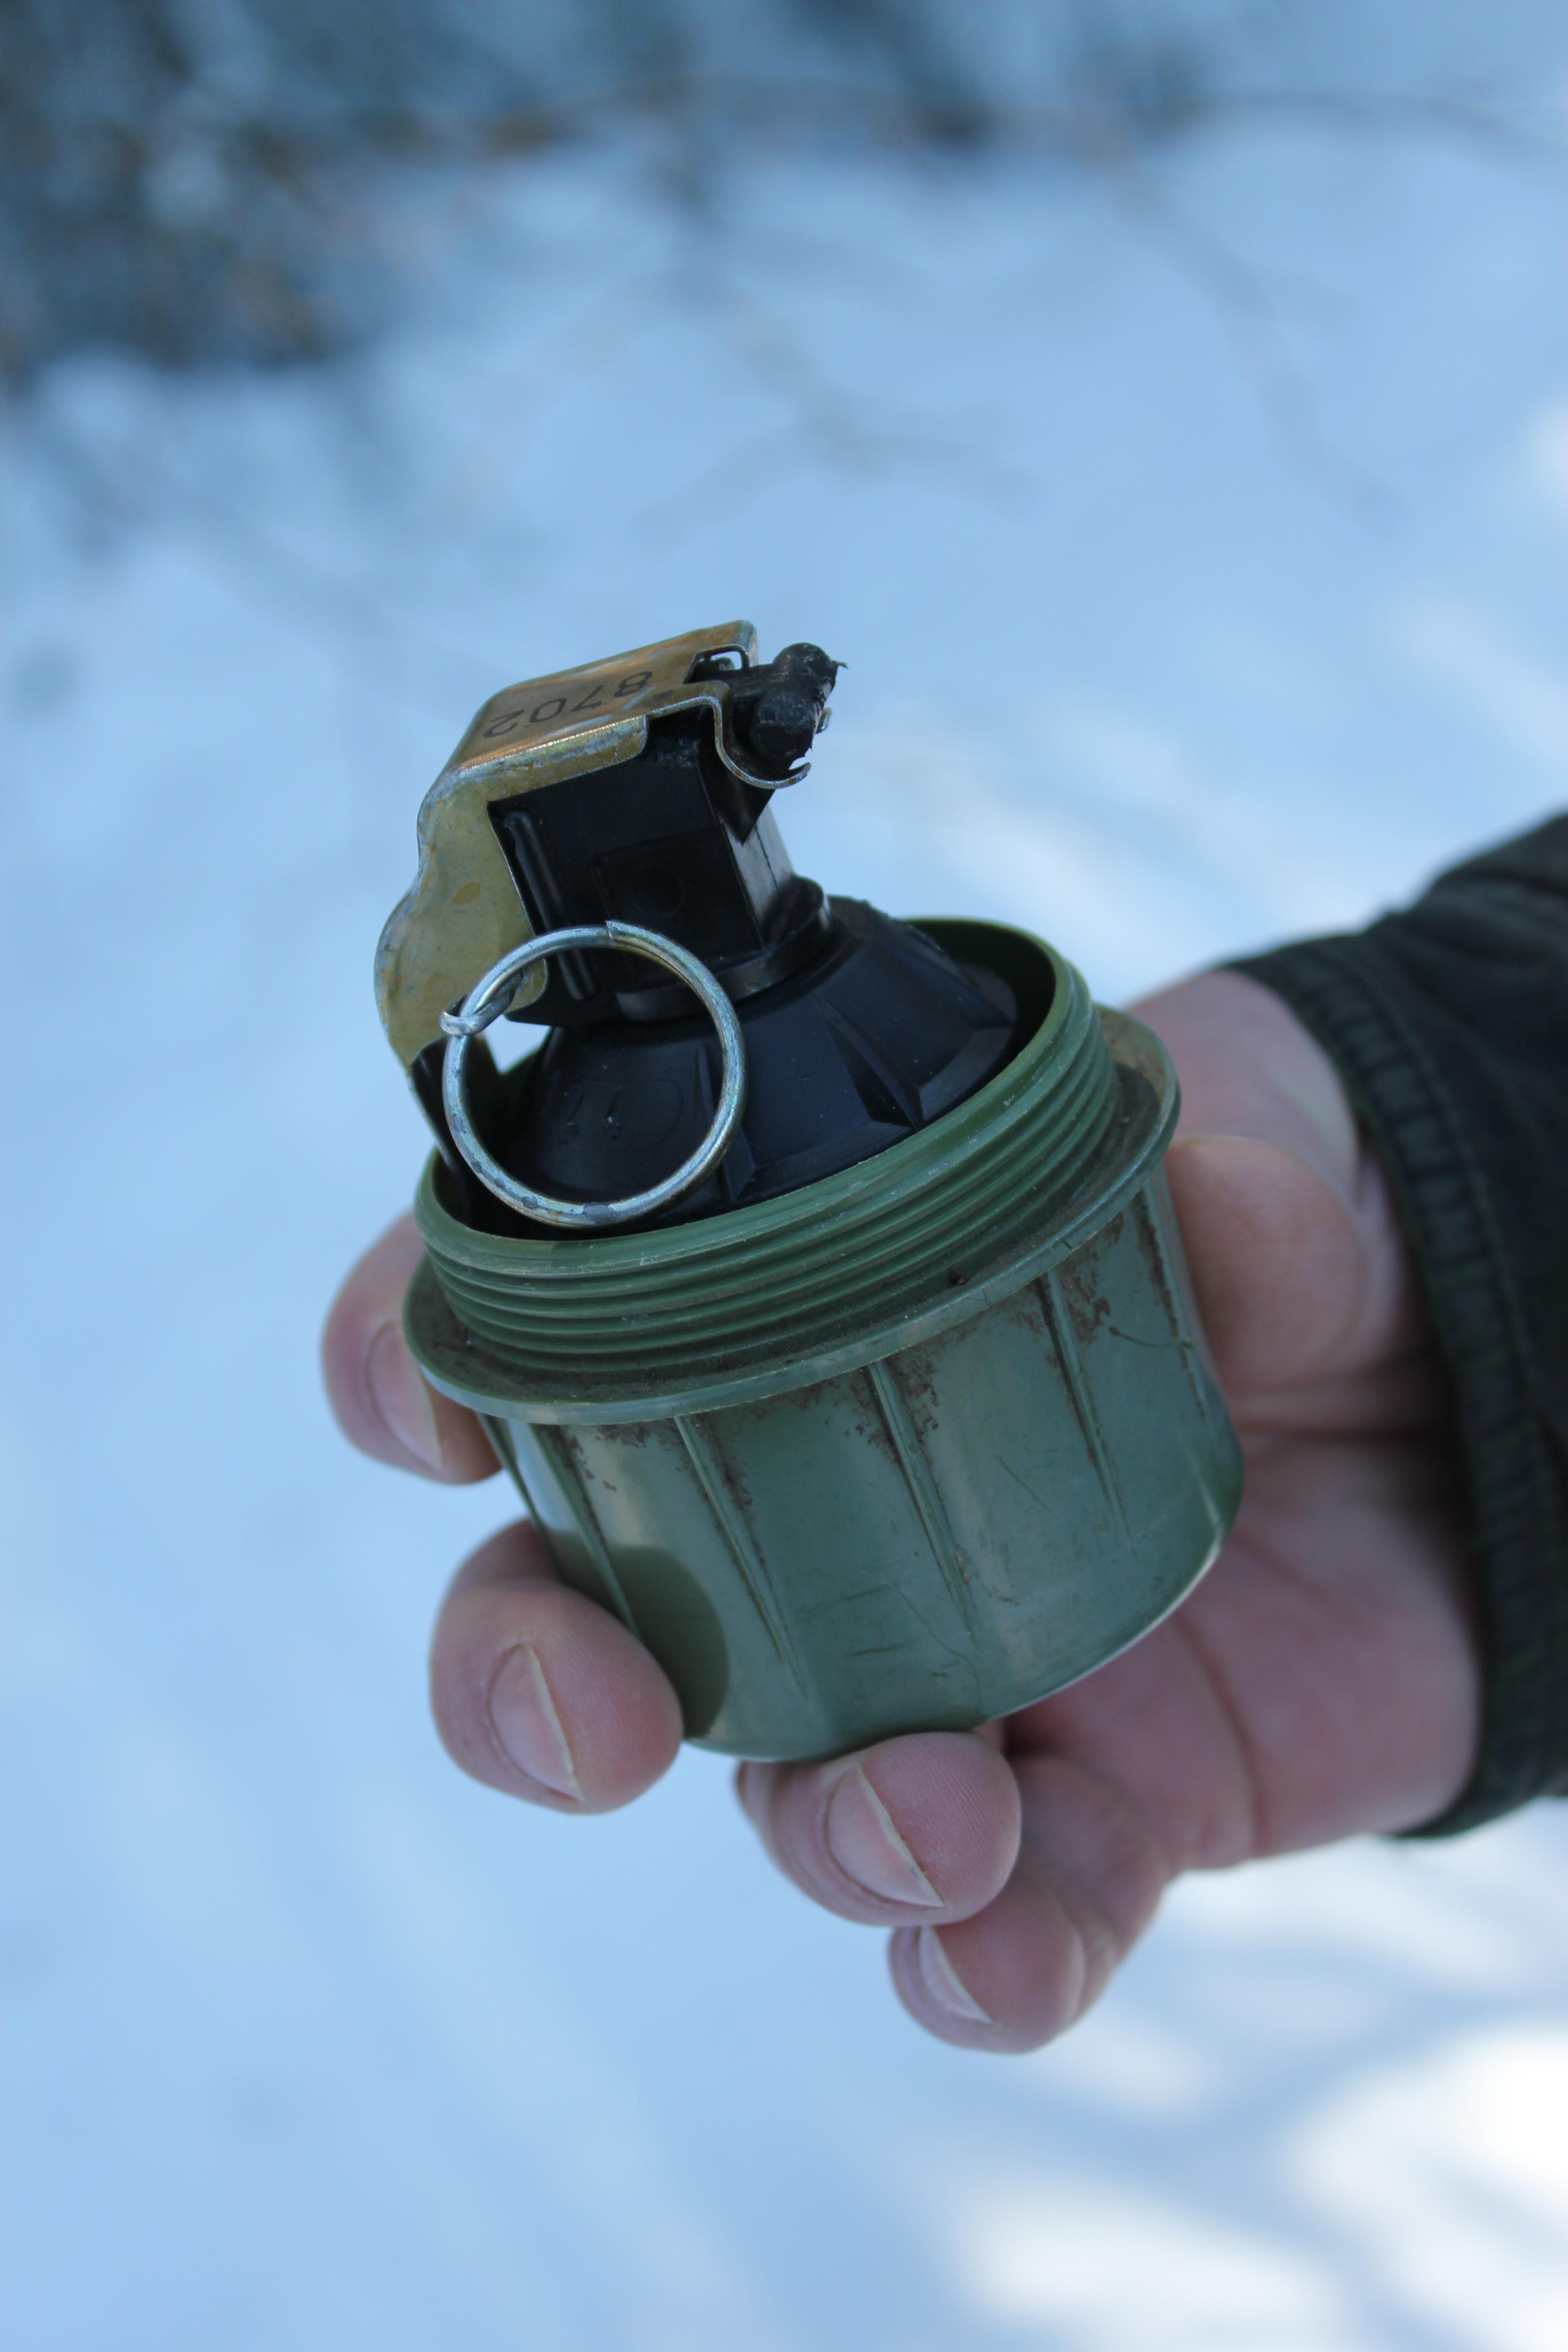 Plastic Hand Grenade; Sarajevo, Bosnia & Herzegovina; 2013